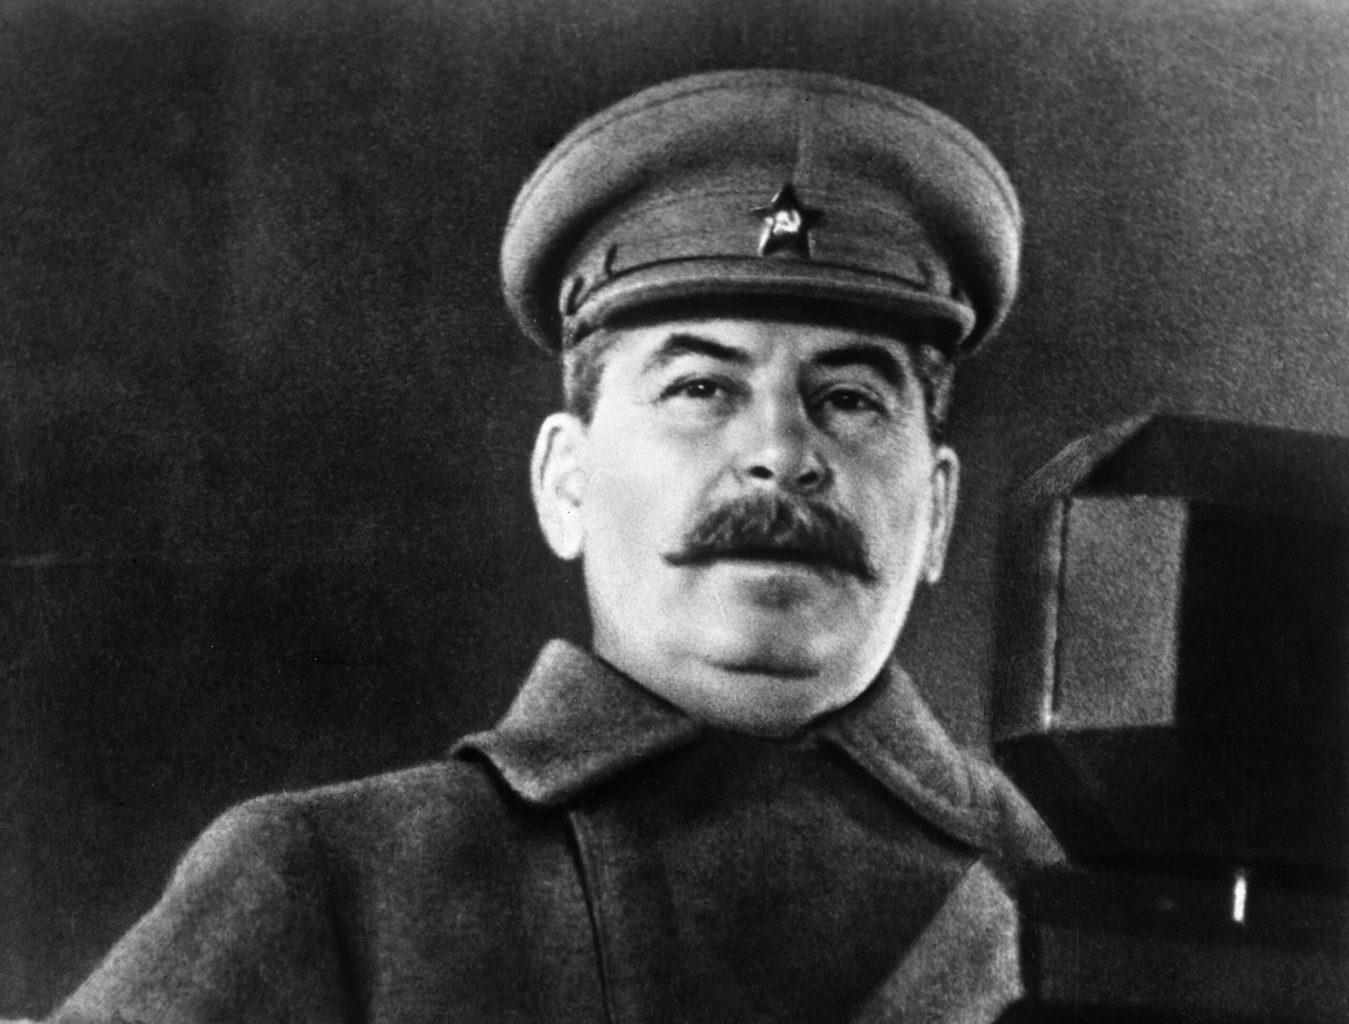 Joszip Visszarionovics Sztálin a kommunista totalitárius állam fejeként bőven követett el emberiség elleni bűnöket #moszkvater